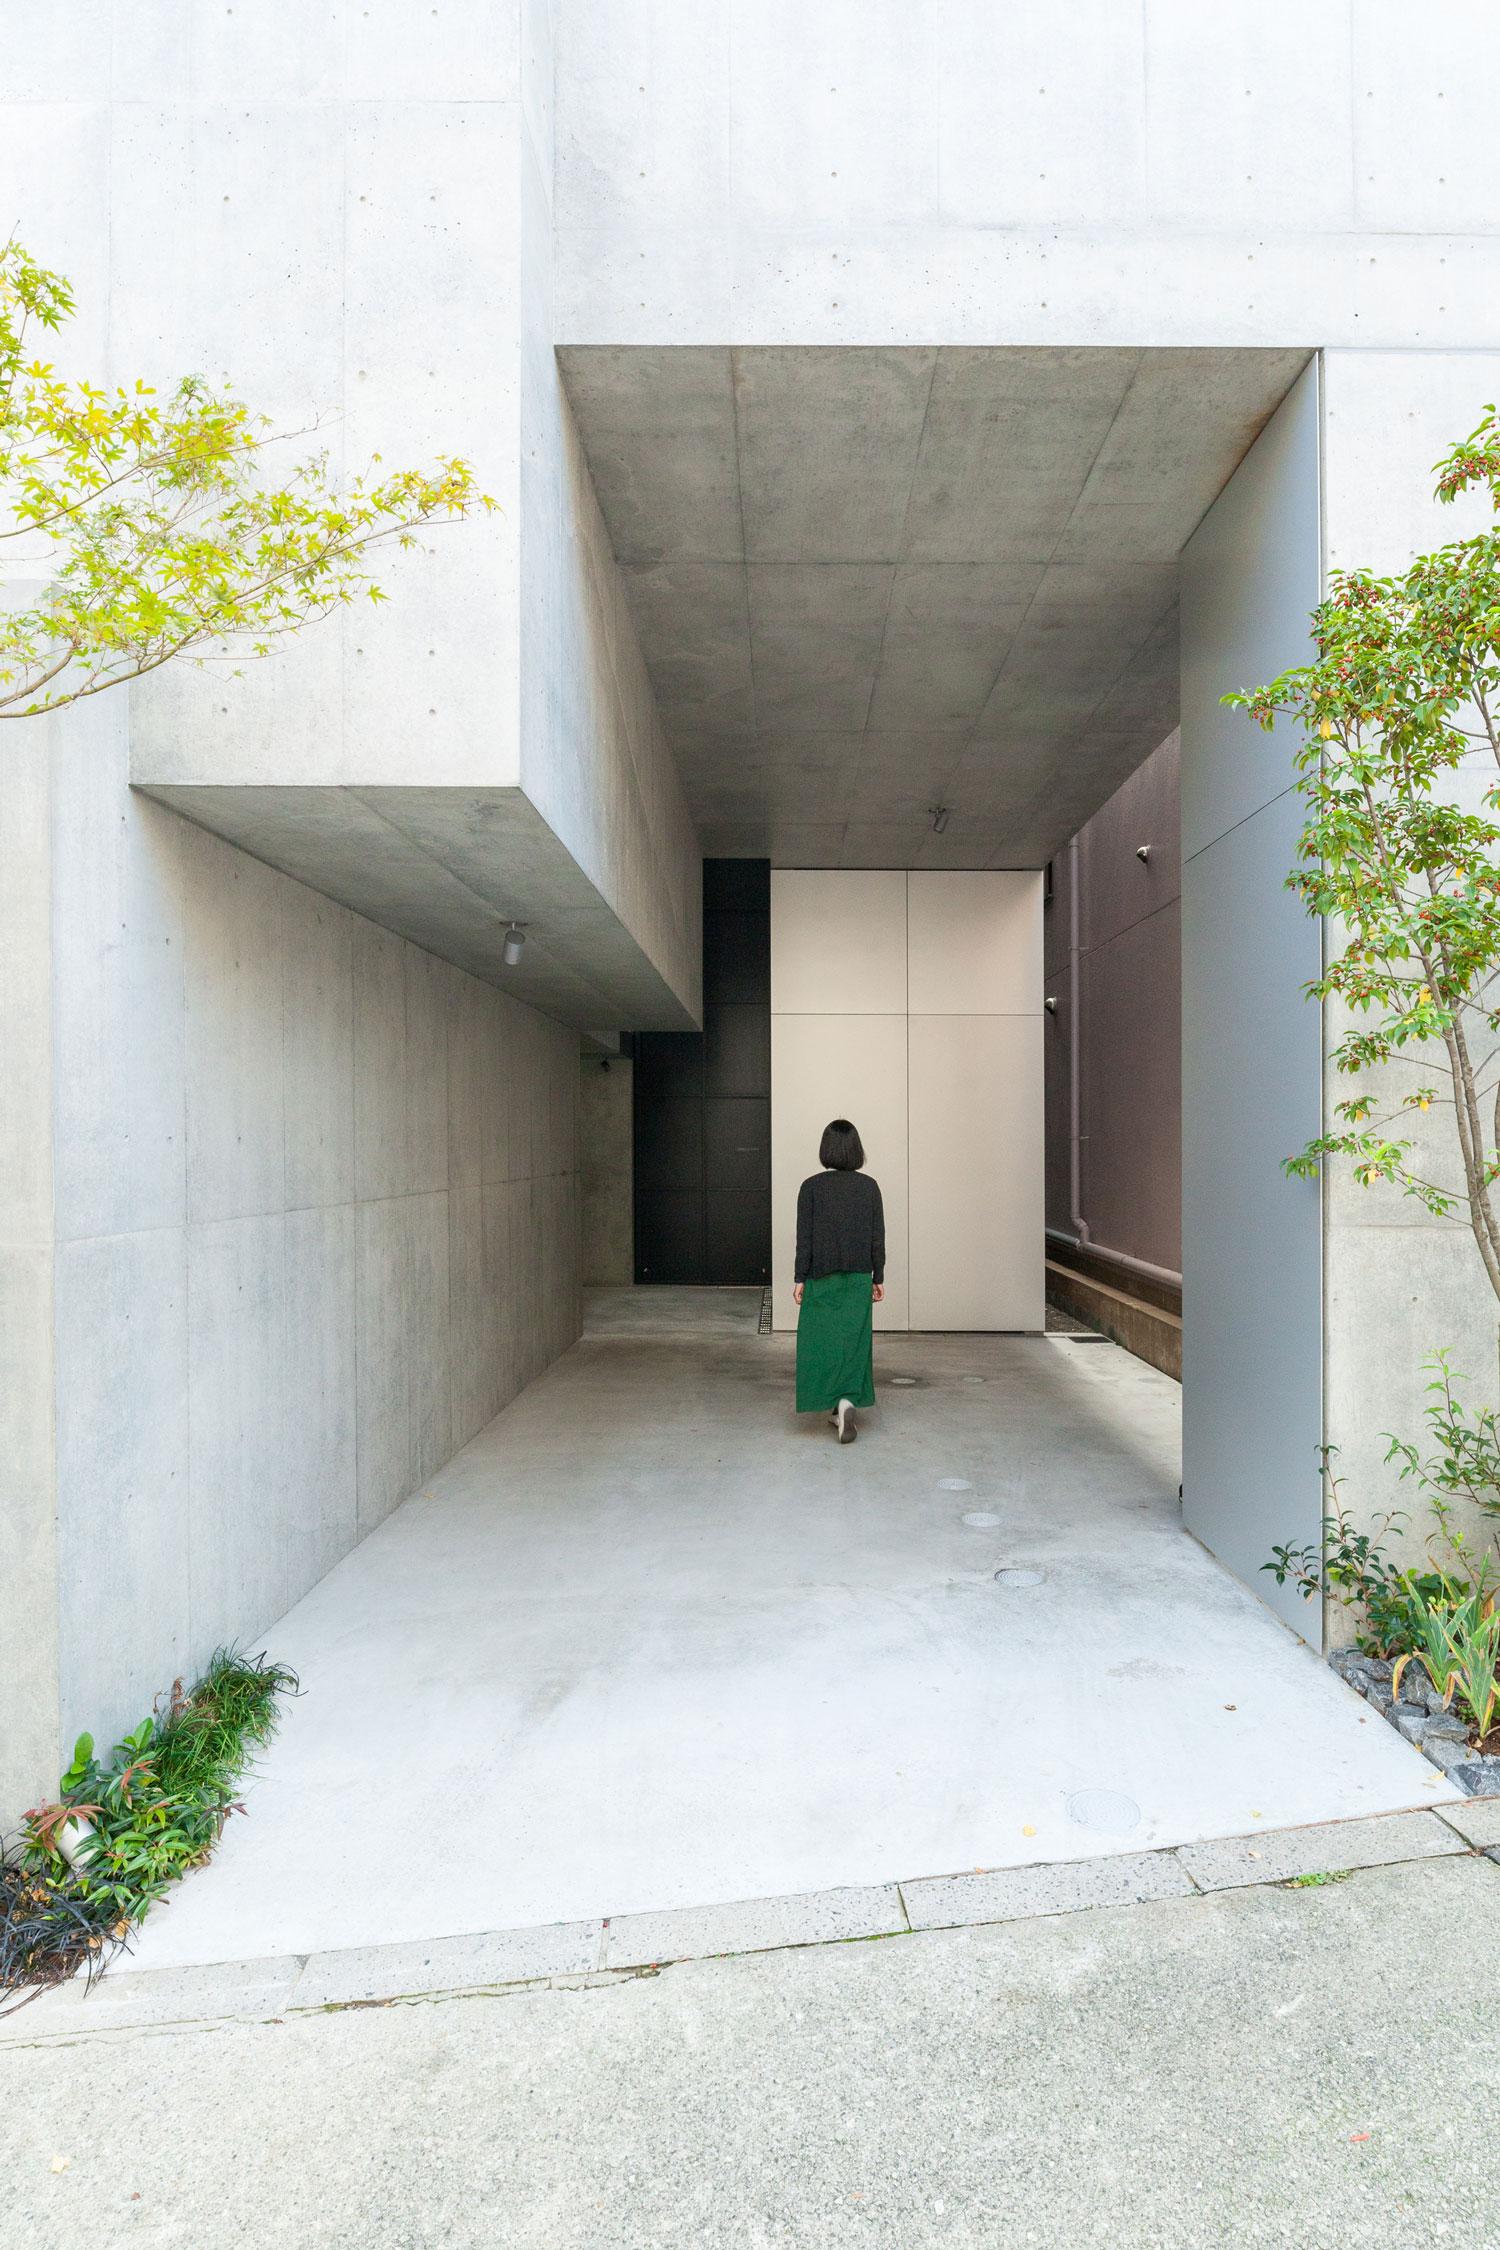 Tree-ness-House-Toshima-Japan-by-Akihisa-Hirata-Yellowtrace-06.jpg